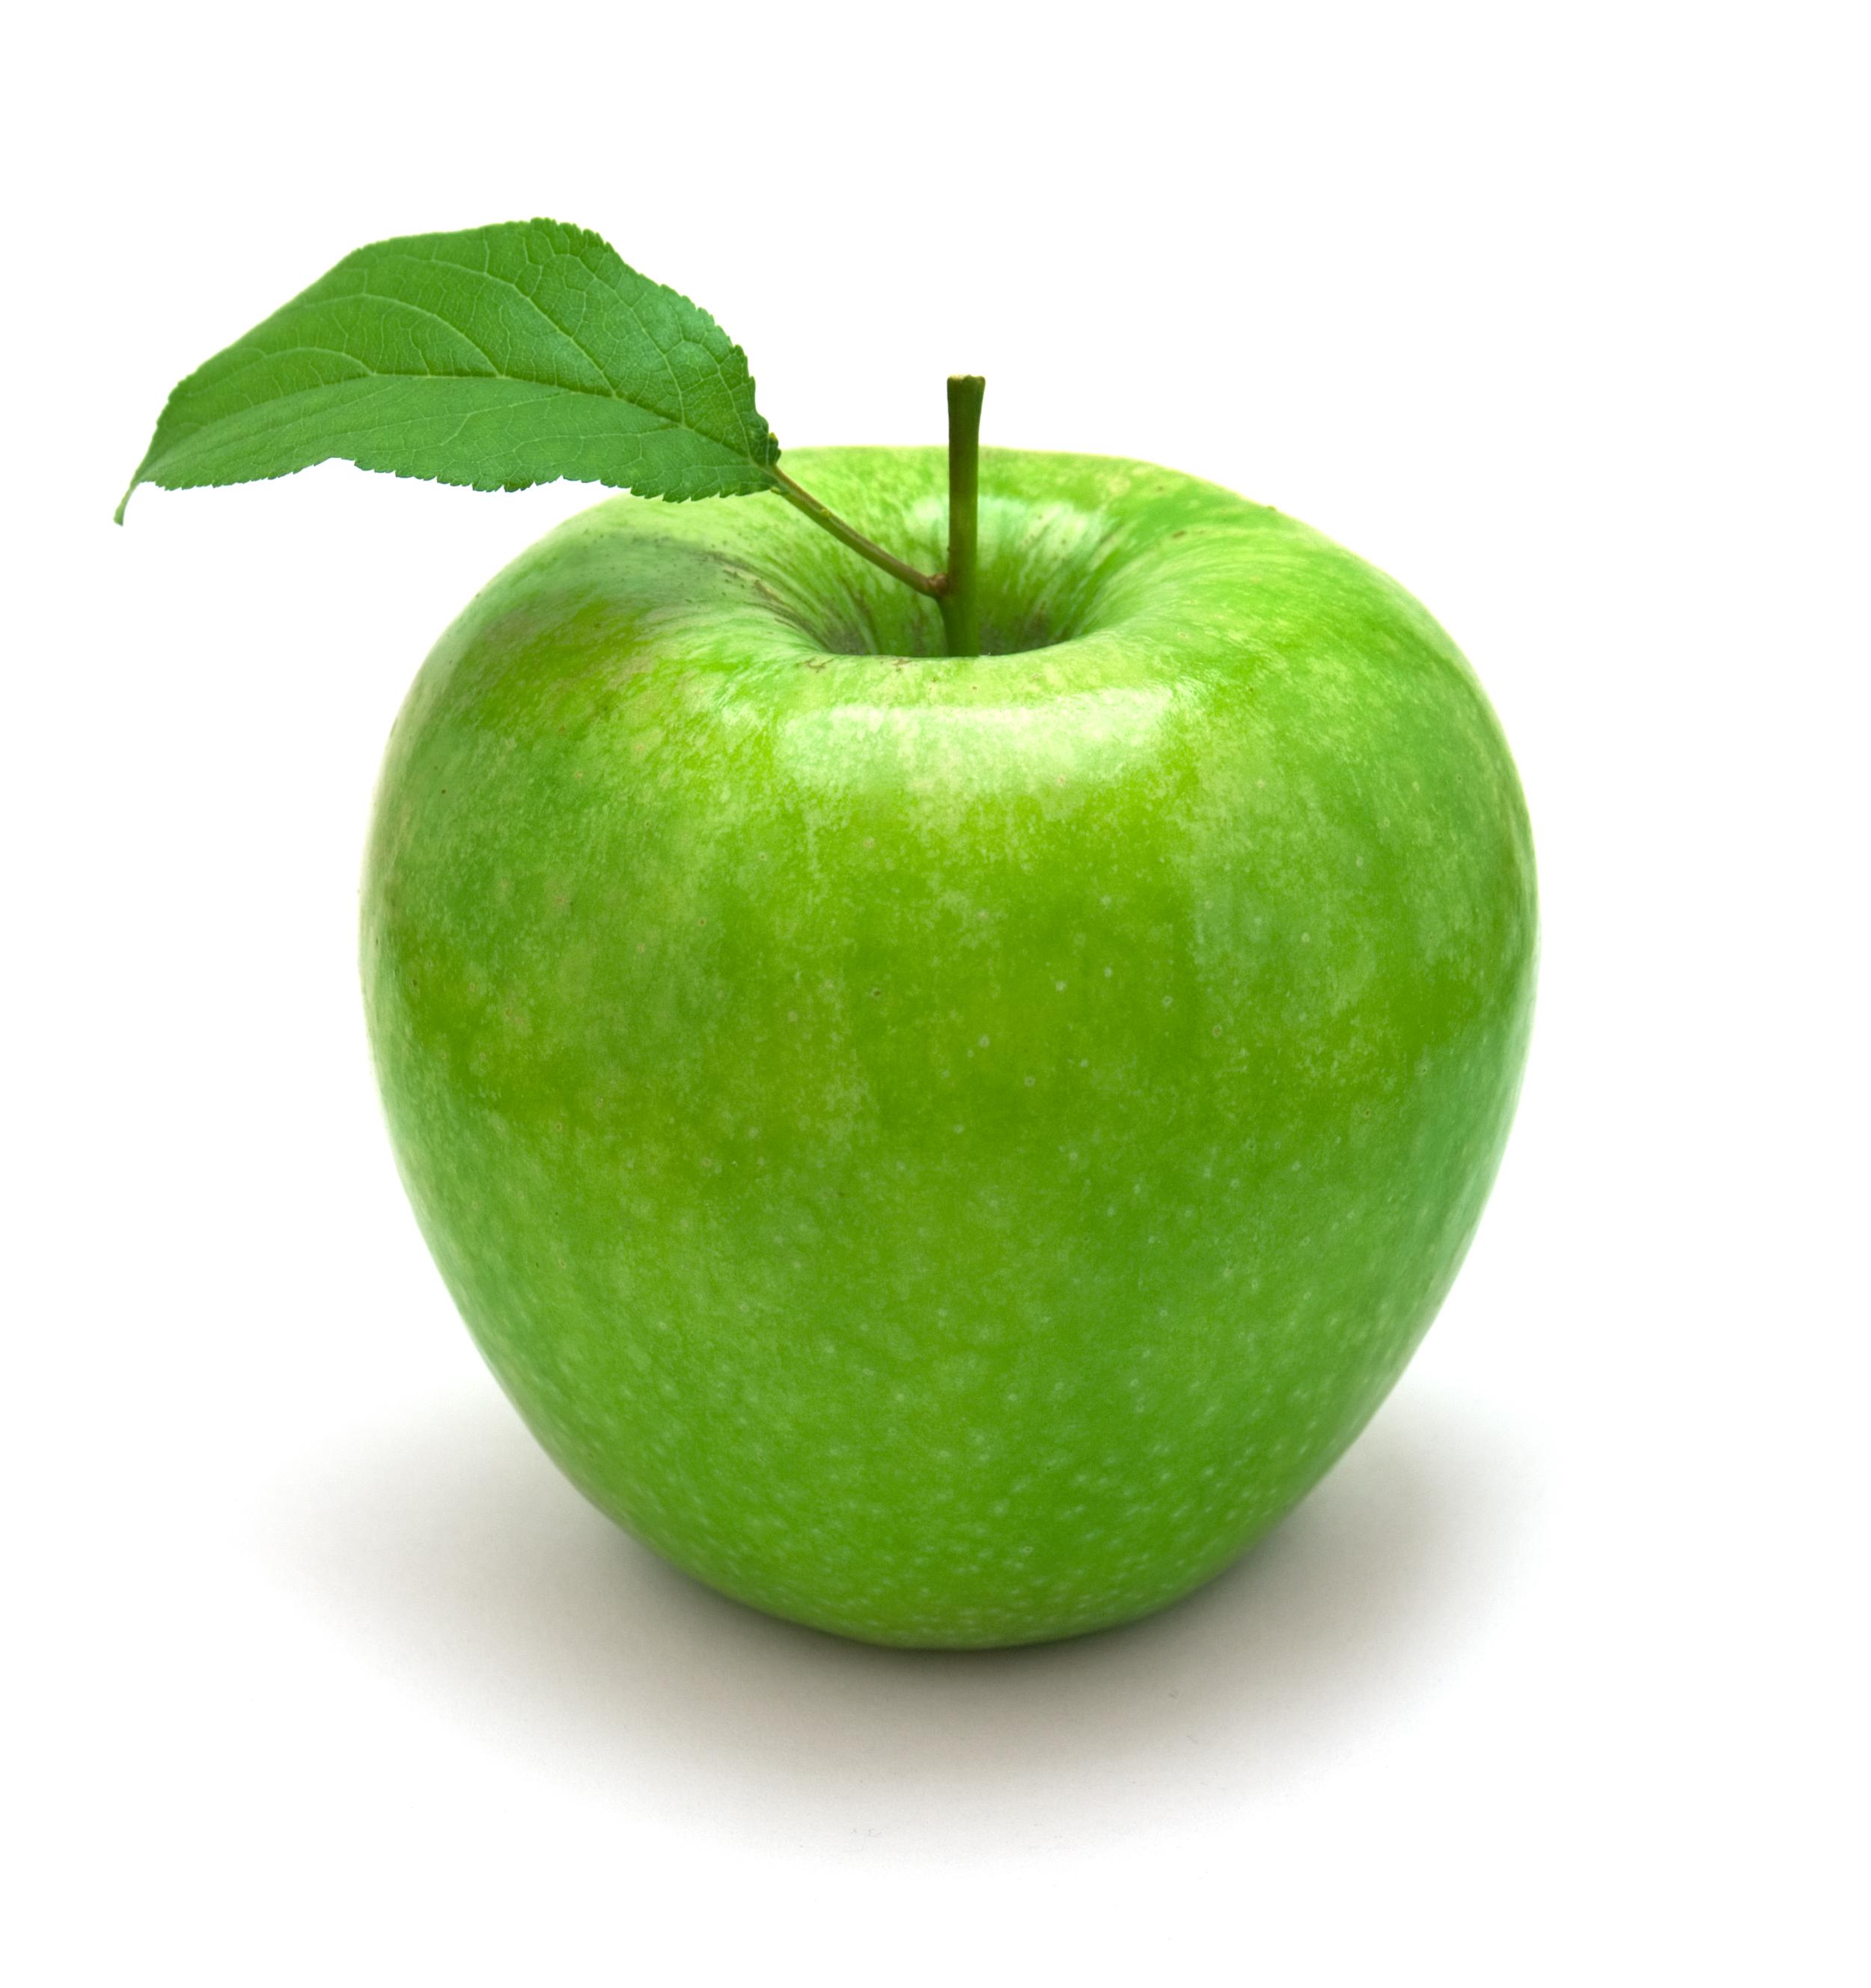 картинка яблоко зеленое и желтое поздравления